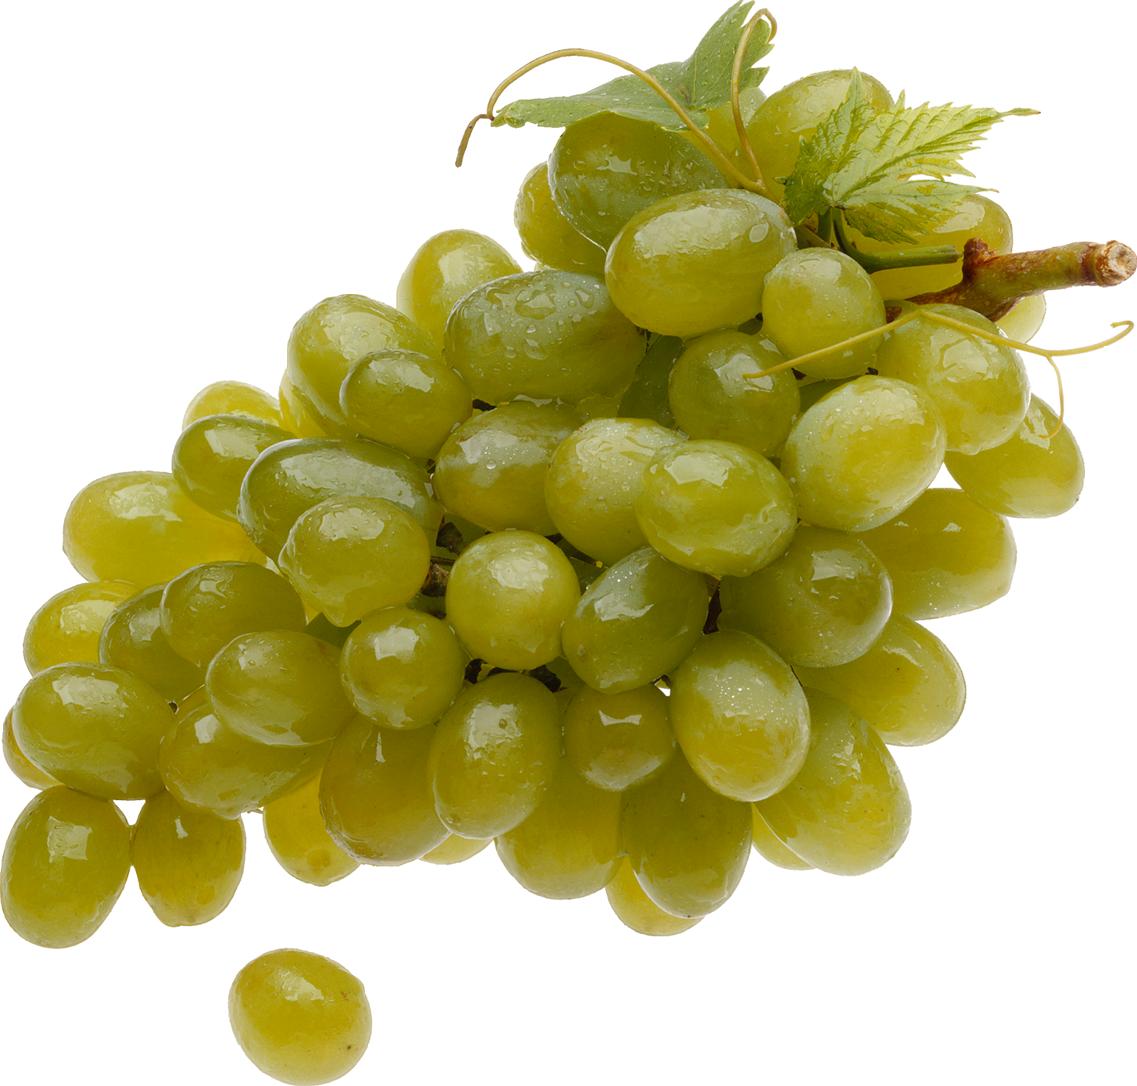 анимационная картинка белого винограда тренировки